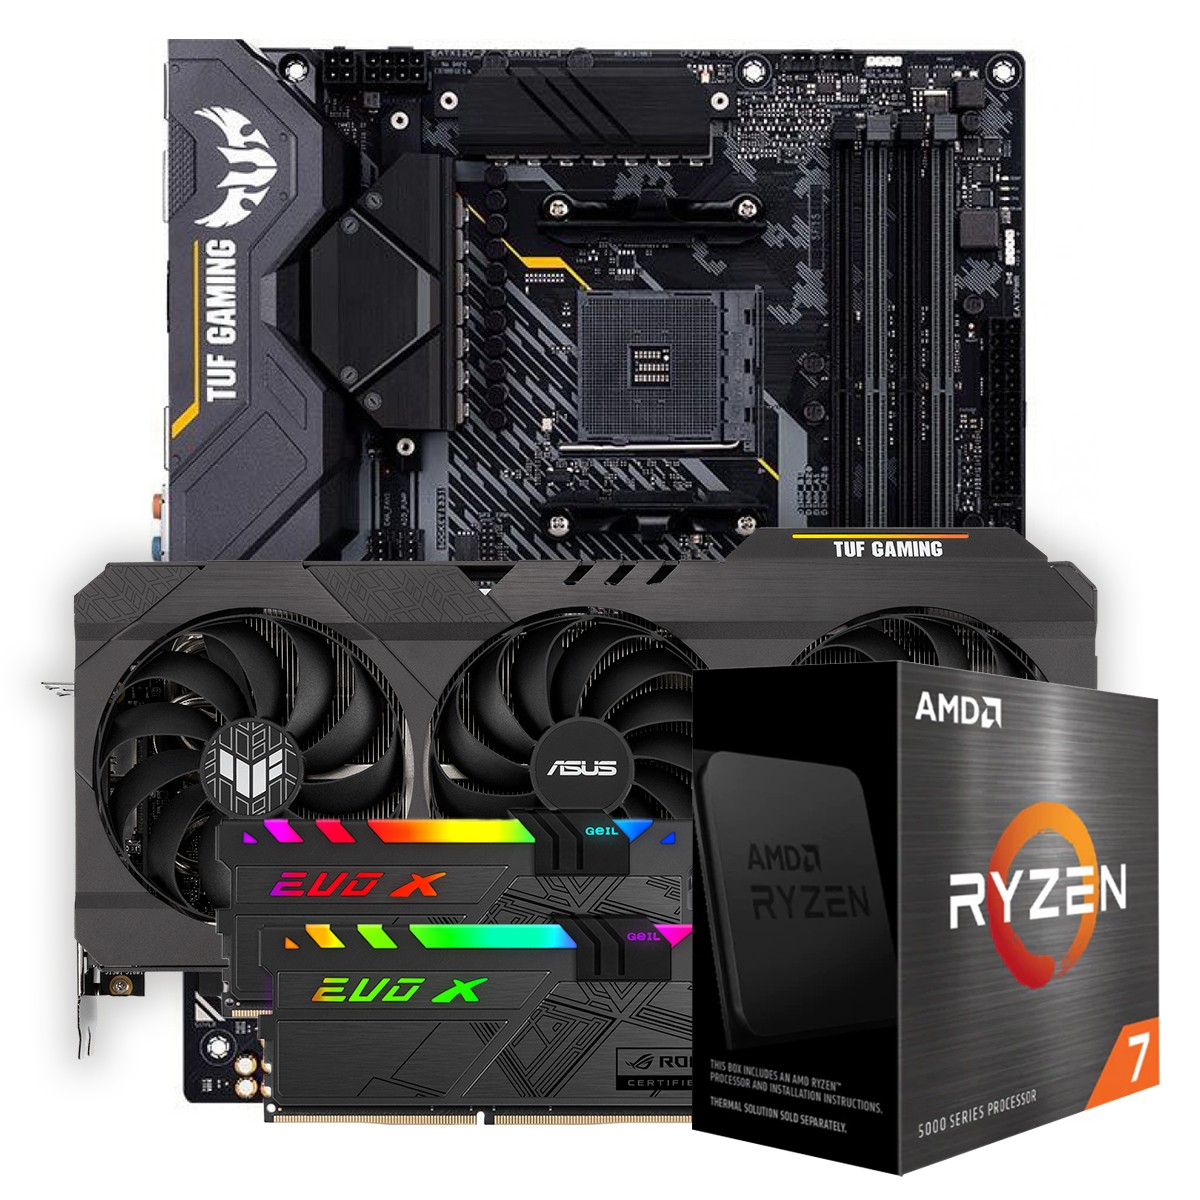 Kit Upgrade ASUS TUF Gaming Radeon RX 6700 XT OC + AMD Ryzen 7 5800X + ASUS TUF Gaming X570-Plus + Memória DDR4 16GB (2x8GB) 3600MHz